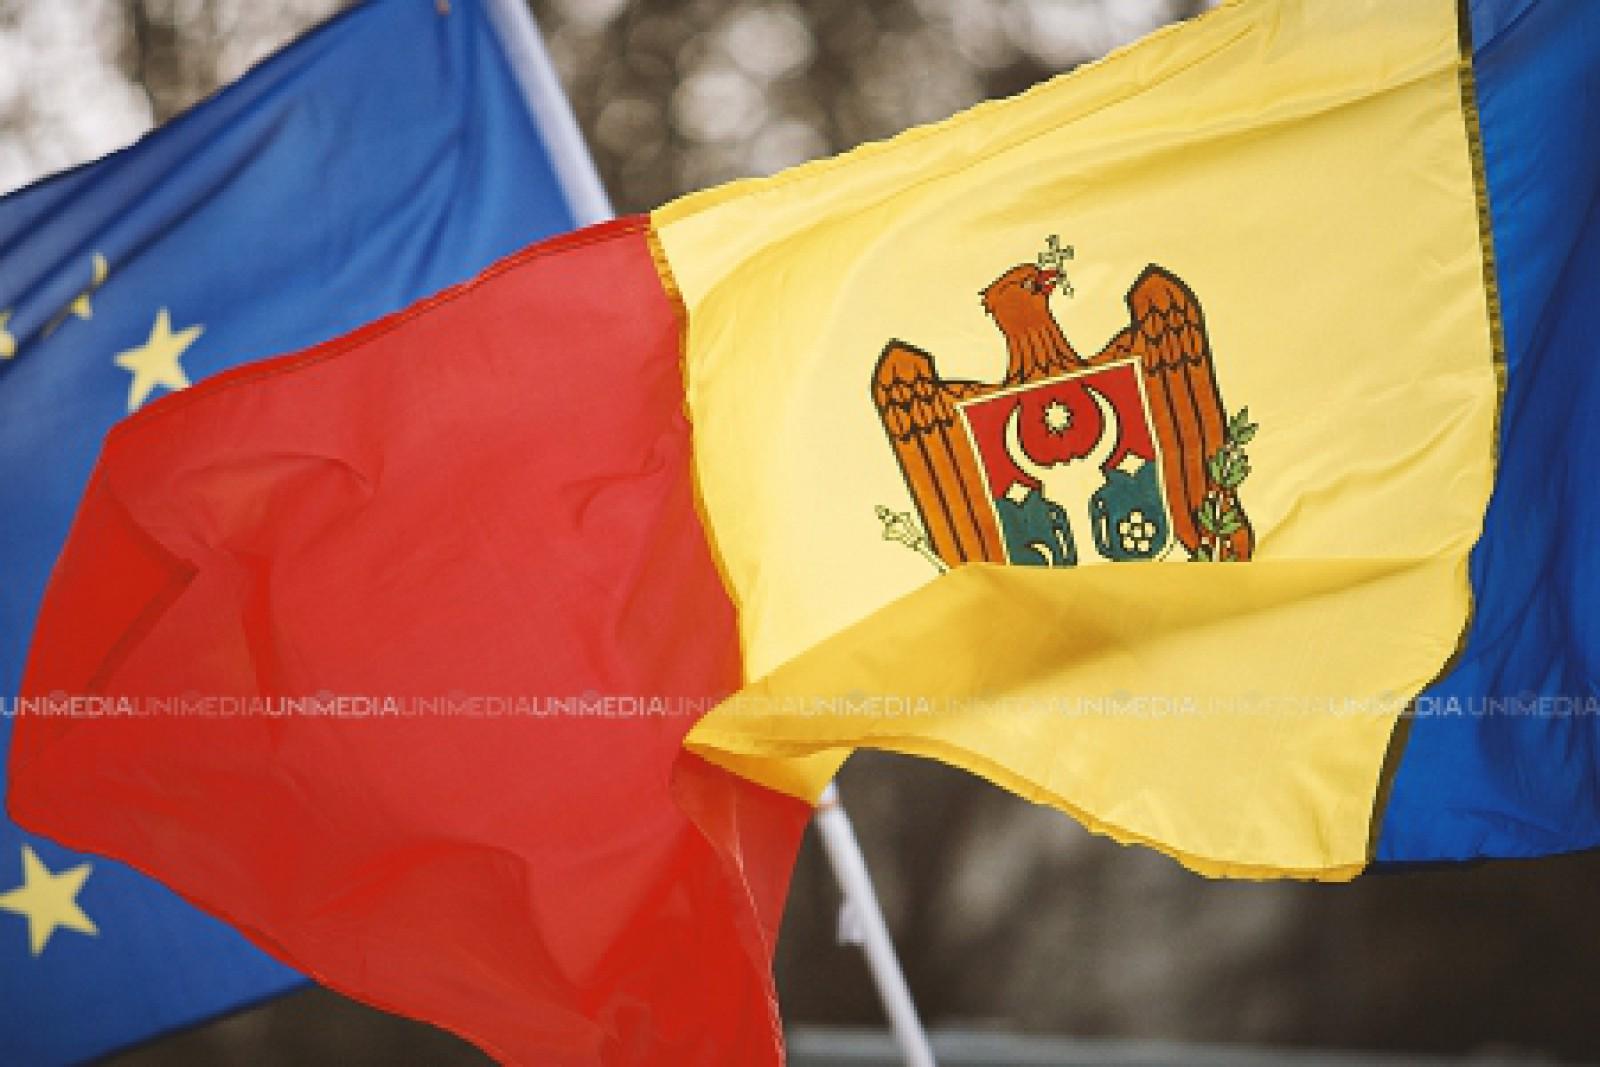 (foto) Universitatea Tehnică a Moldovei a semnat declarația de Unire cu România